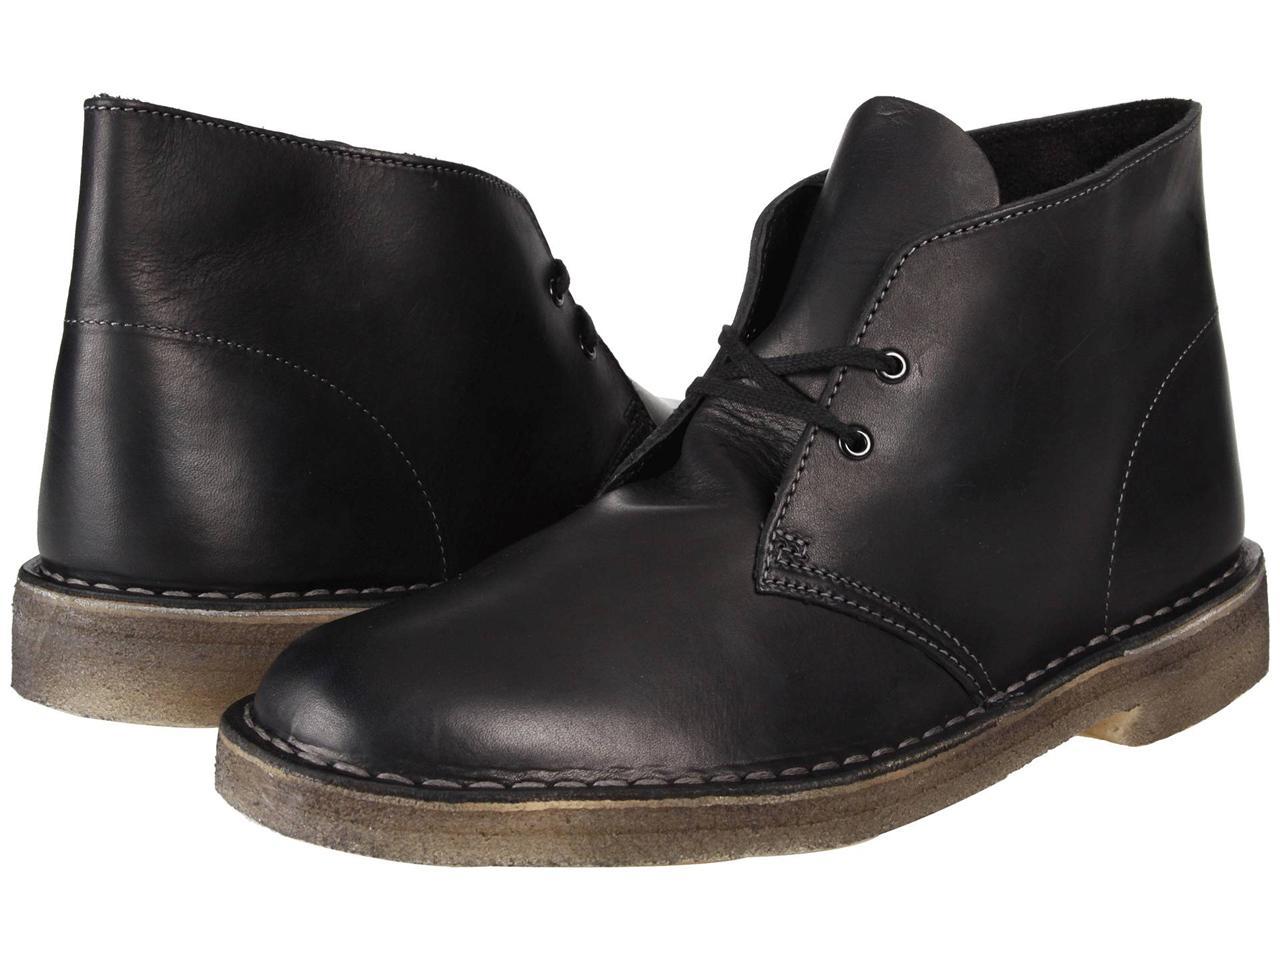 Elegant Details About Red Tape Gobi Black Mens Suede Desert Boots UK Size 7